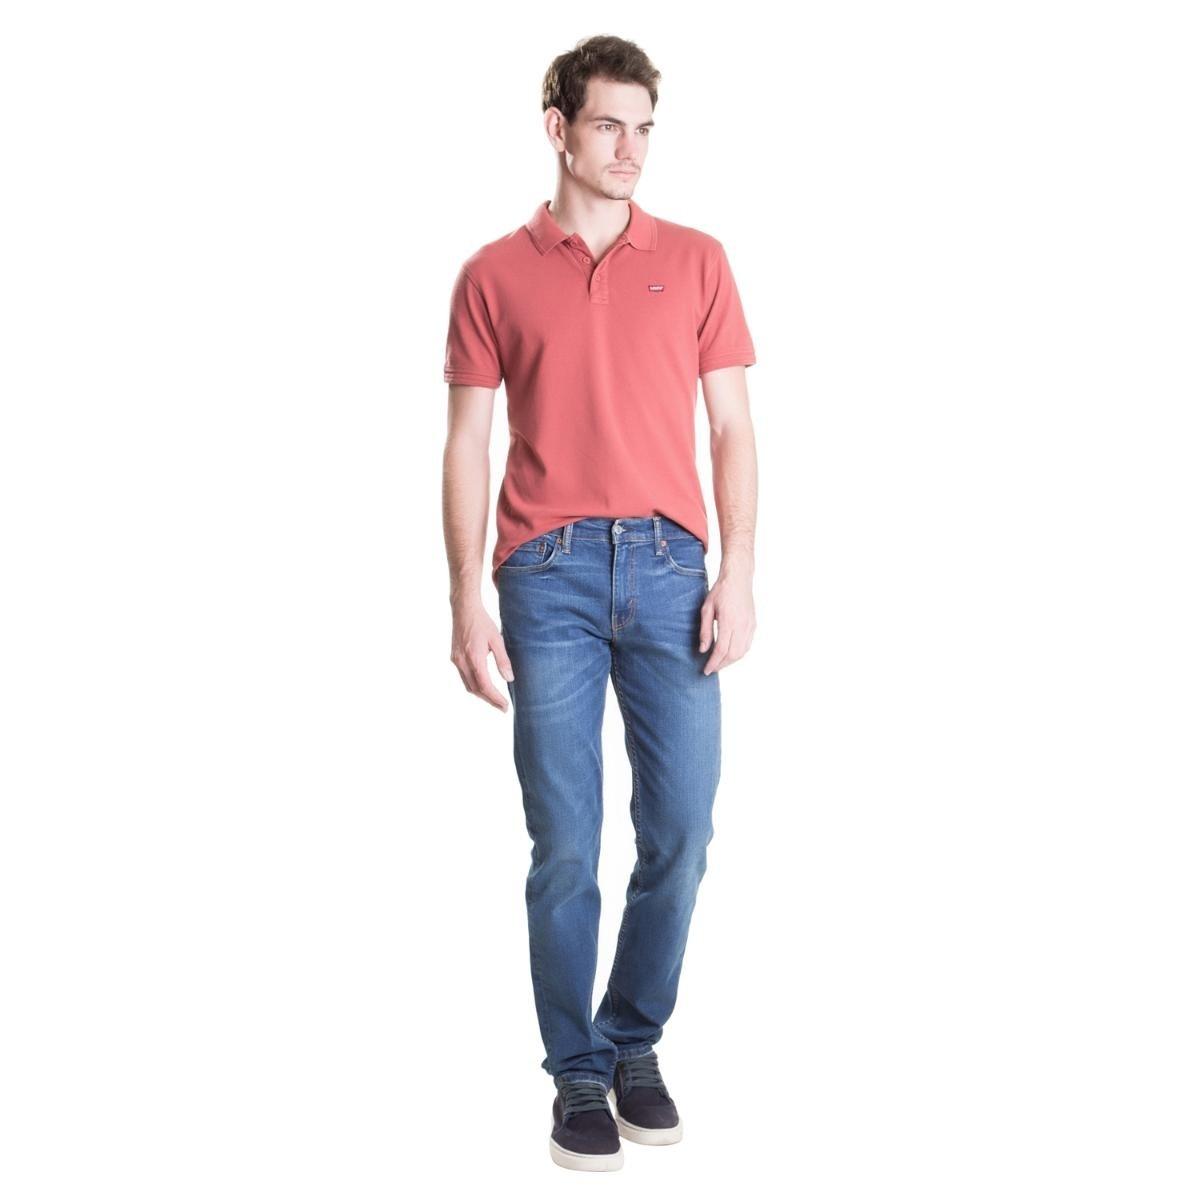 Calça Jeans Levis 511 Slim - Compre Agora  b58831ba874b5